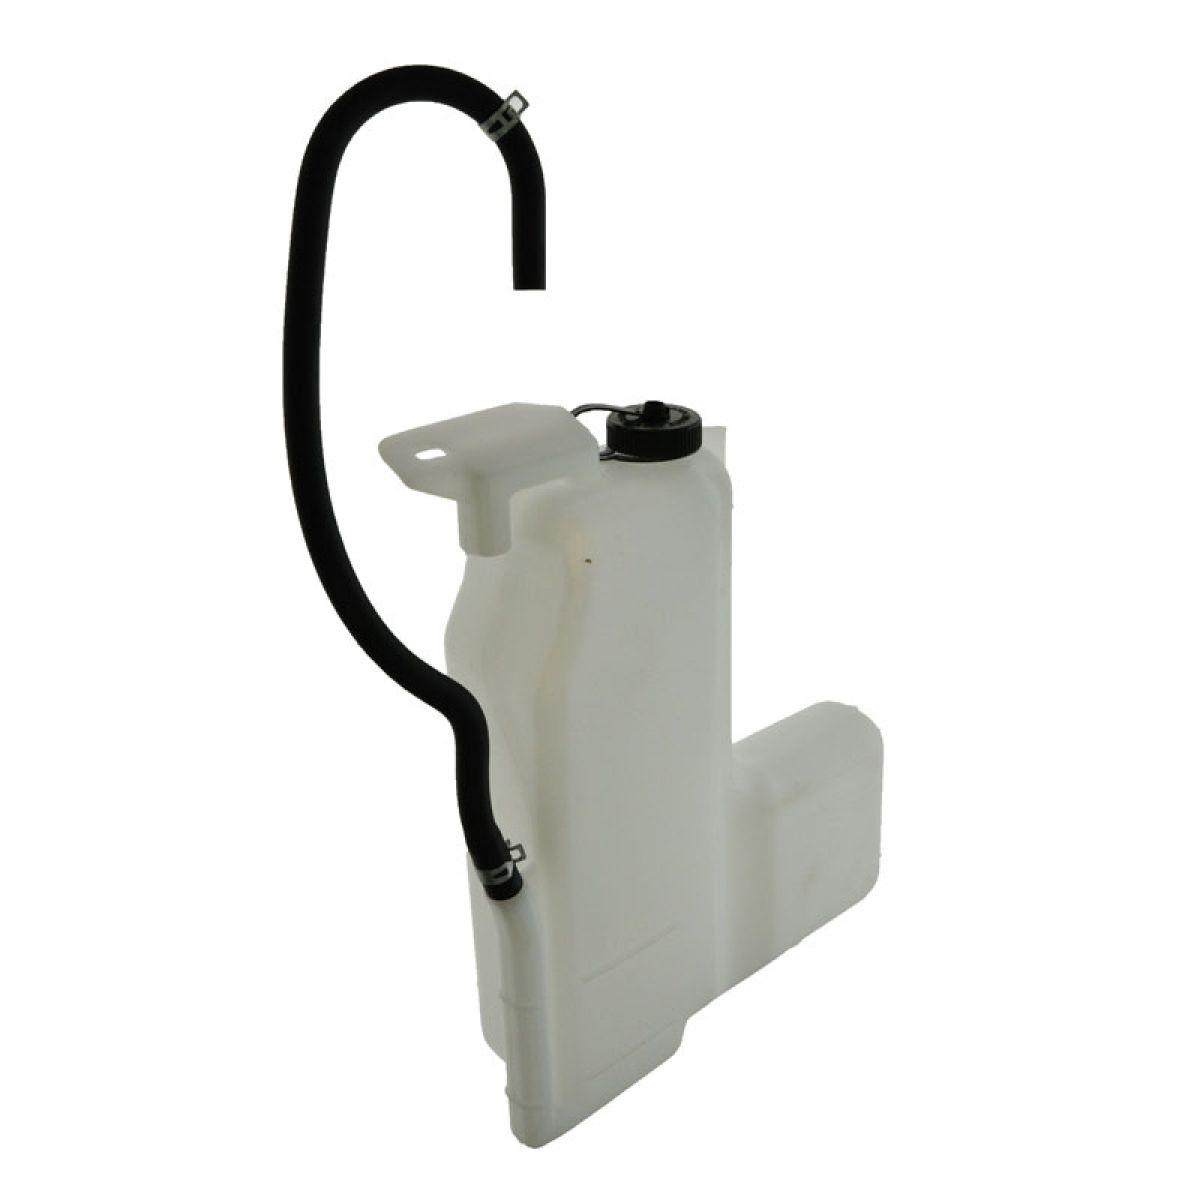 Radiator Coolant Overflow Bottle Reservoir For Nissan